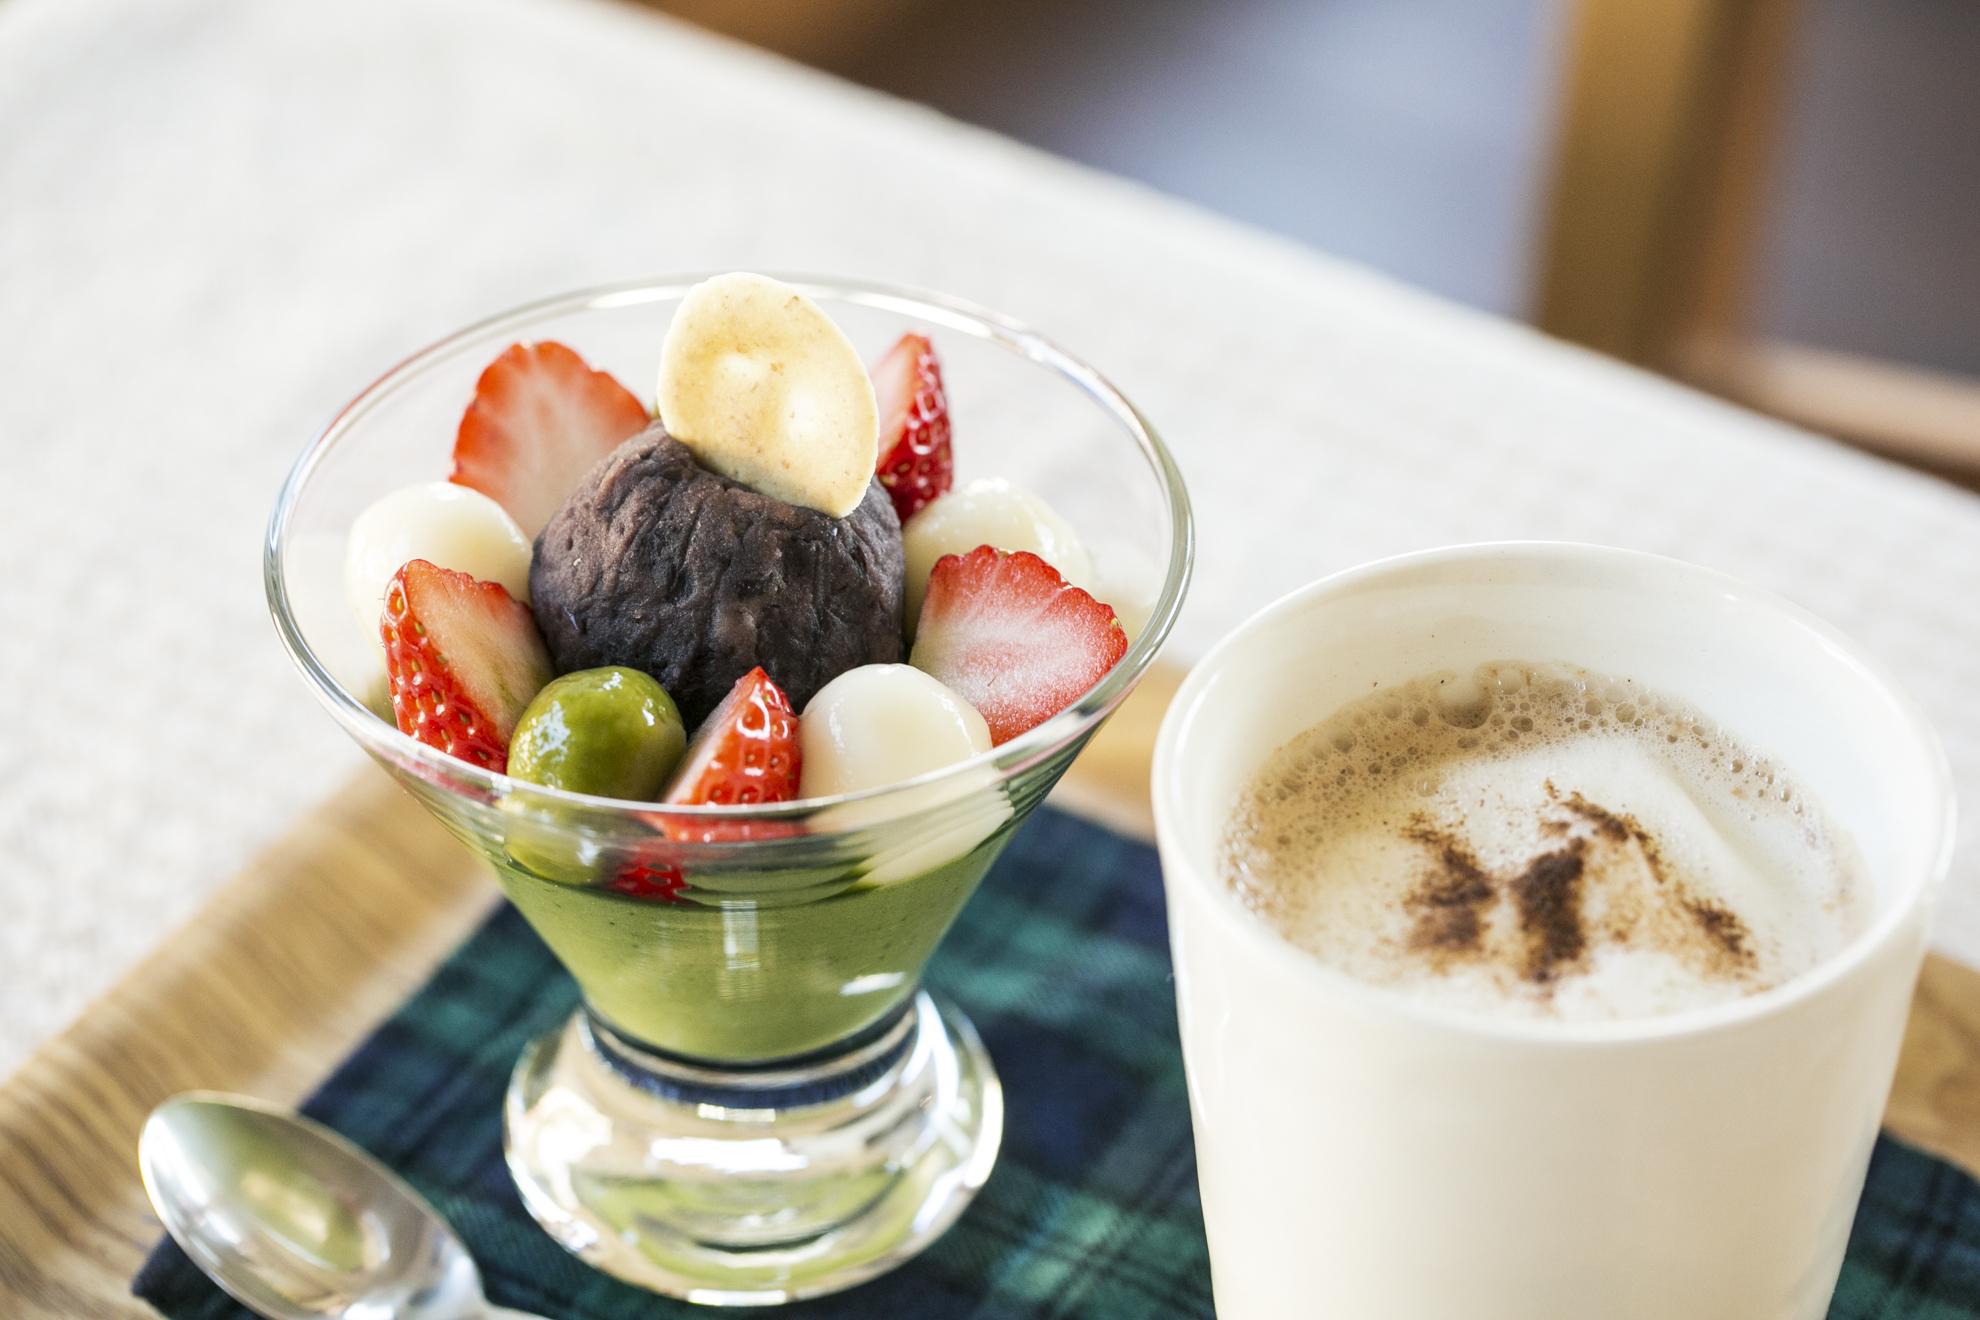 抹茶豆乳プリン530円 しょうがスパイスチャイ480円。デザートセットだと好きな飲物が一律+350円に。